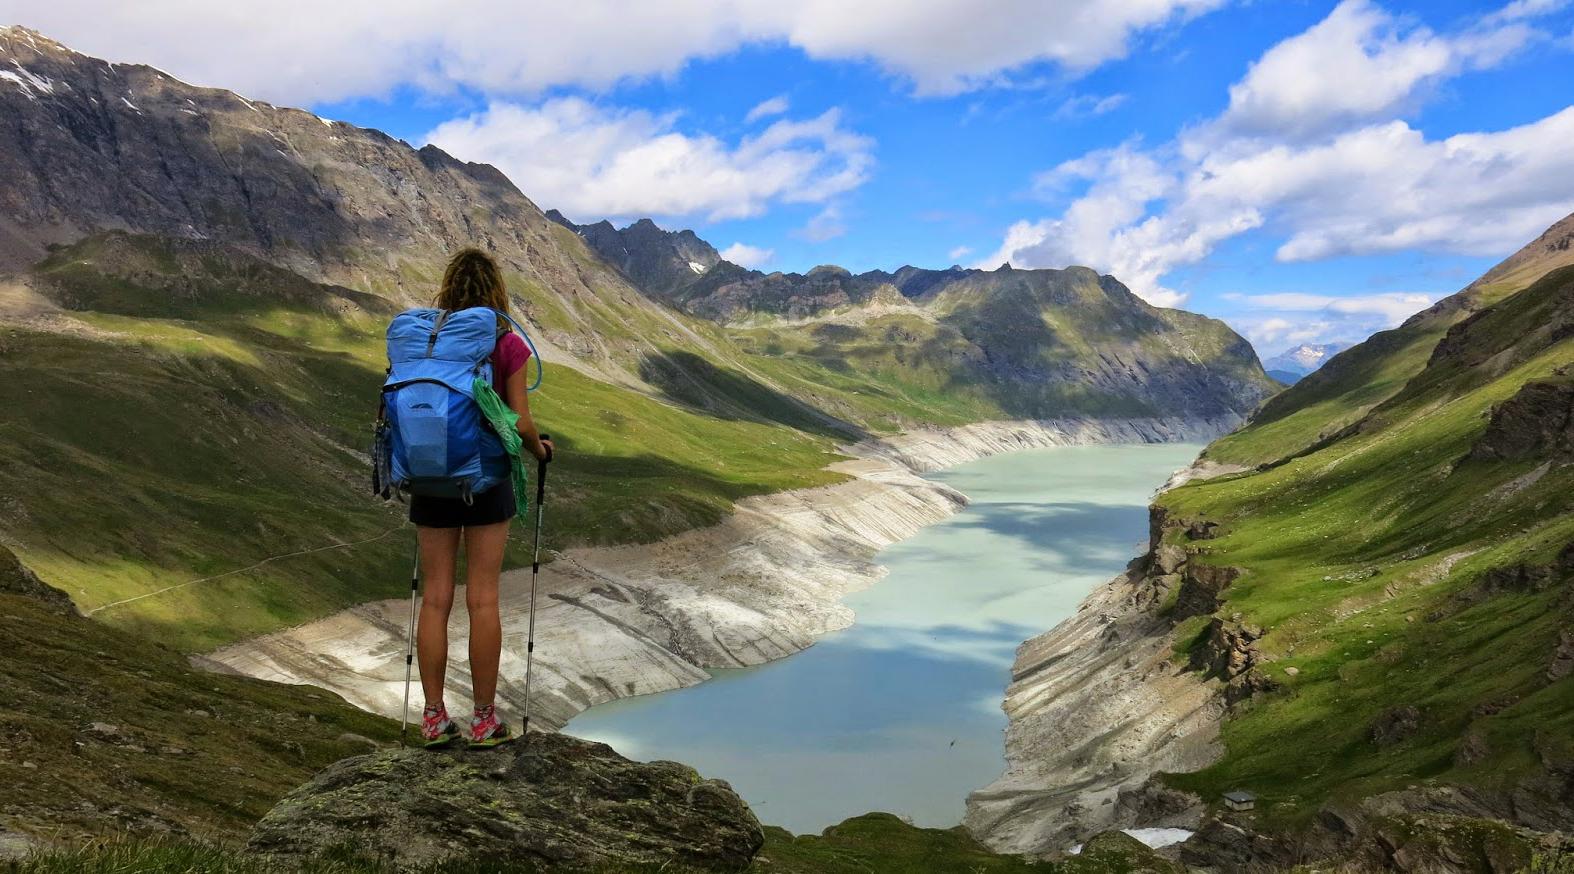 cewek cantik Tips untuk Pendaki Gunung Pemula Wanita